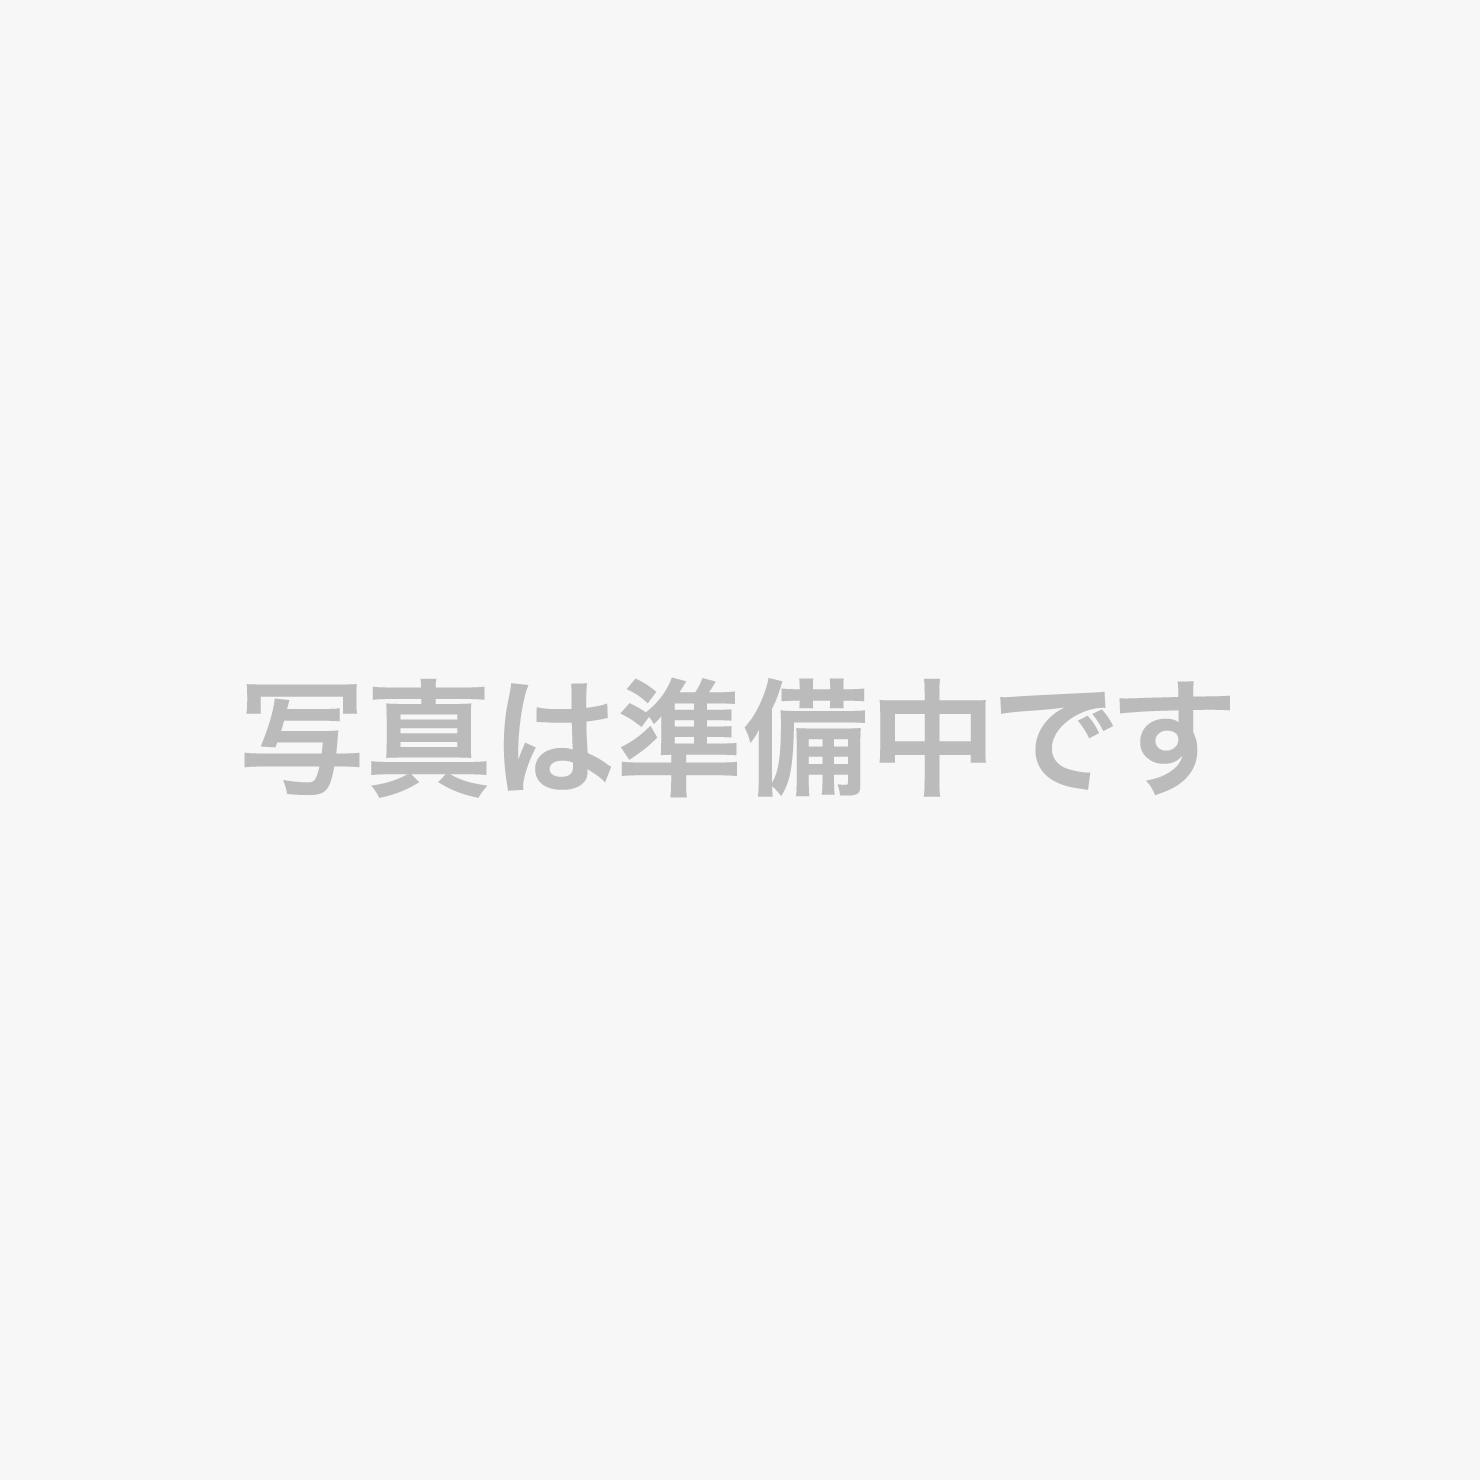 日本一のボディスライダー「ビッグアロハ」